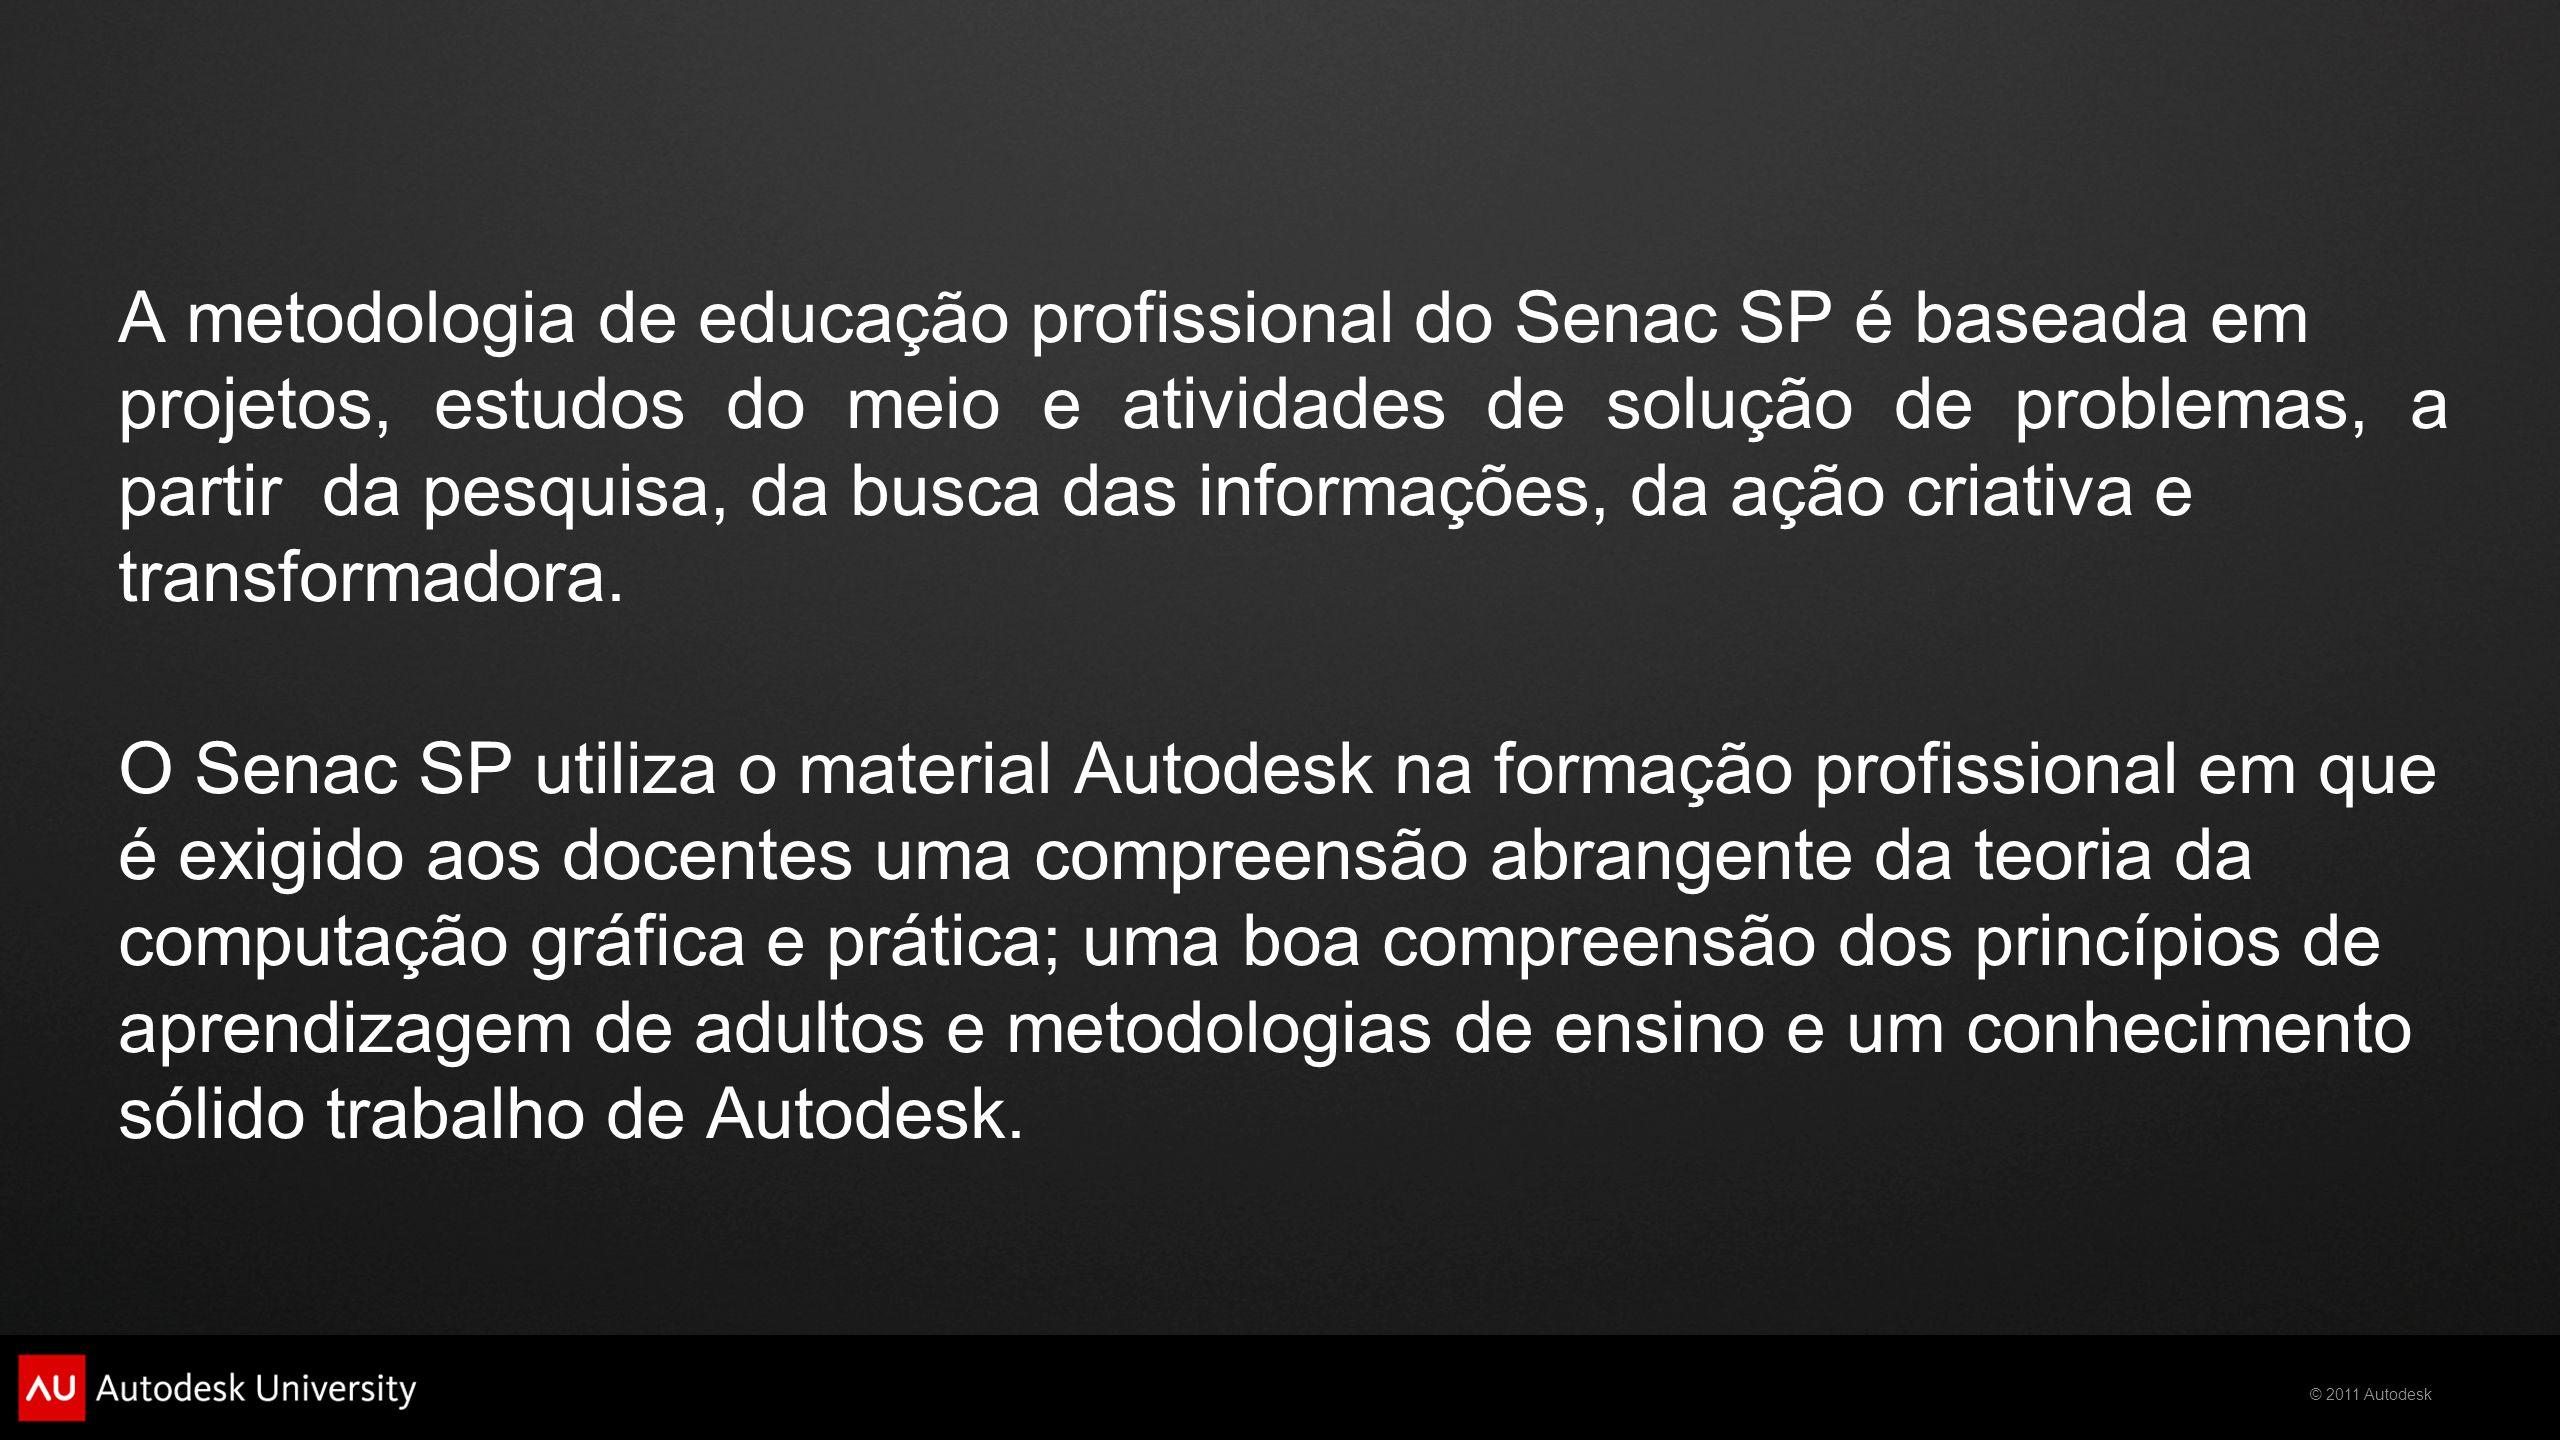 © 2011 Autodesk A metodologia de educação profissional do Senac SP é baseada em projetos, estudos do meio e atividades de solução de problemas, a partir da pesquisa, da busca das informações, da ação criativa e transformadora.